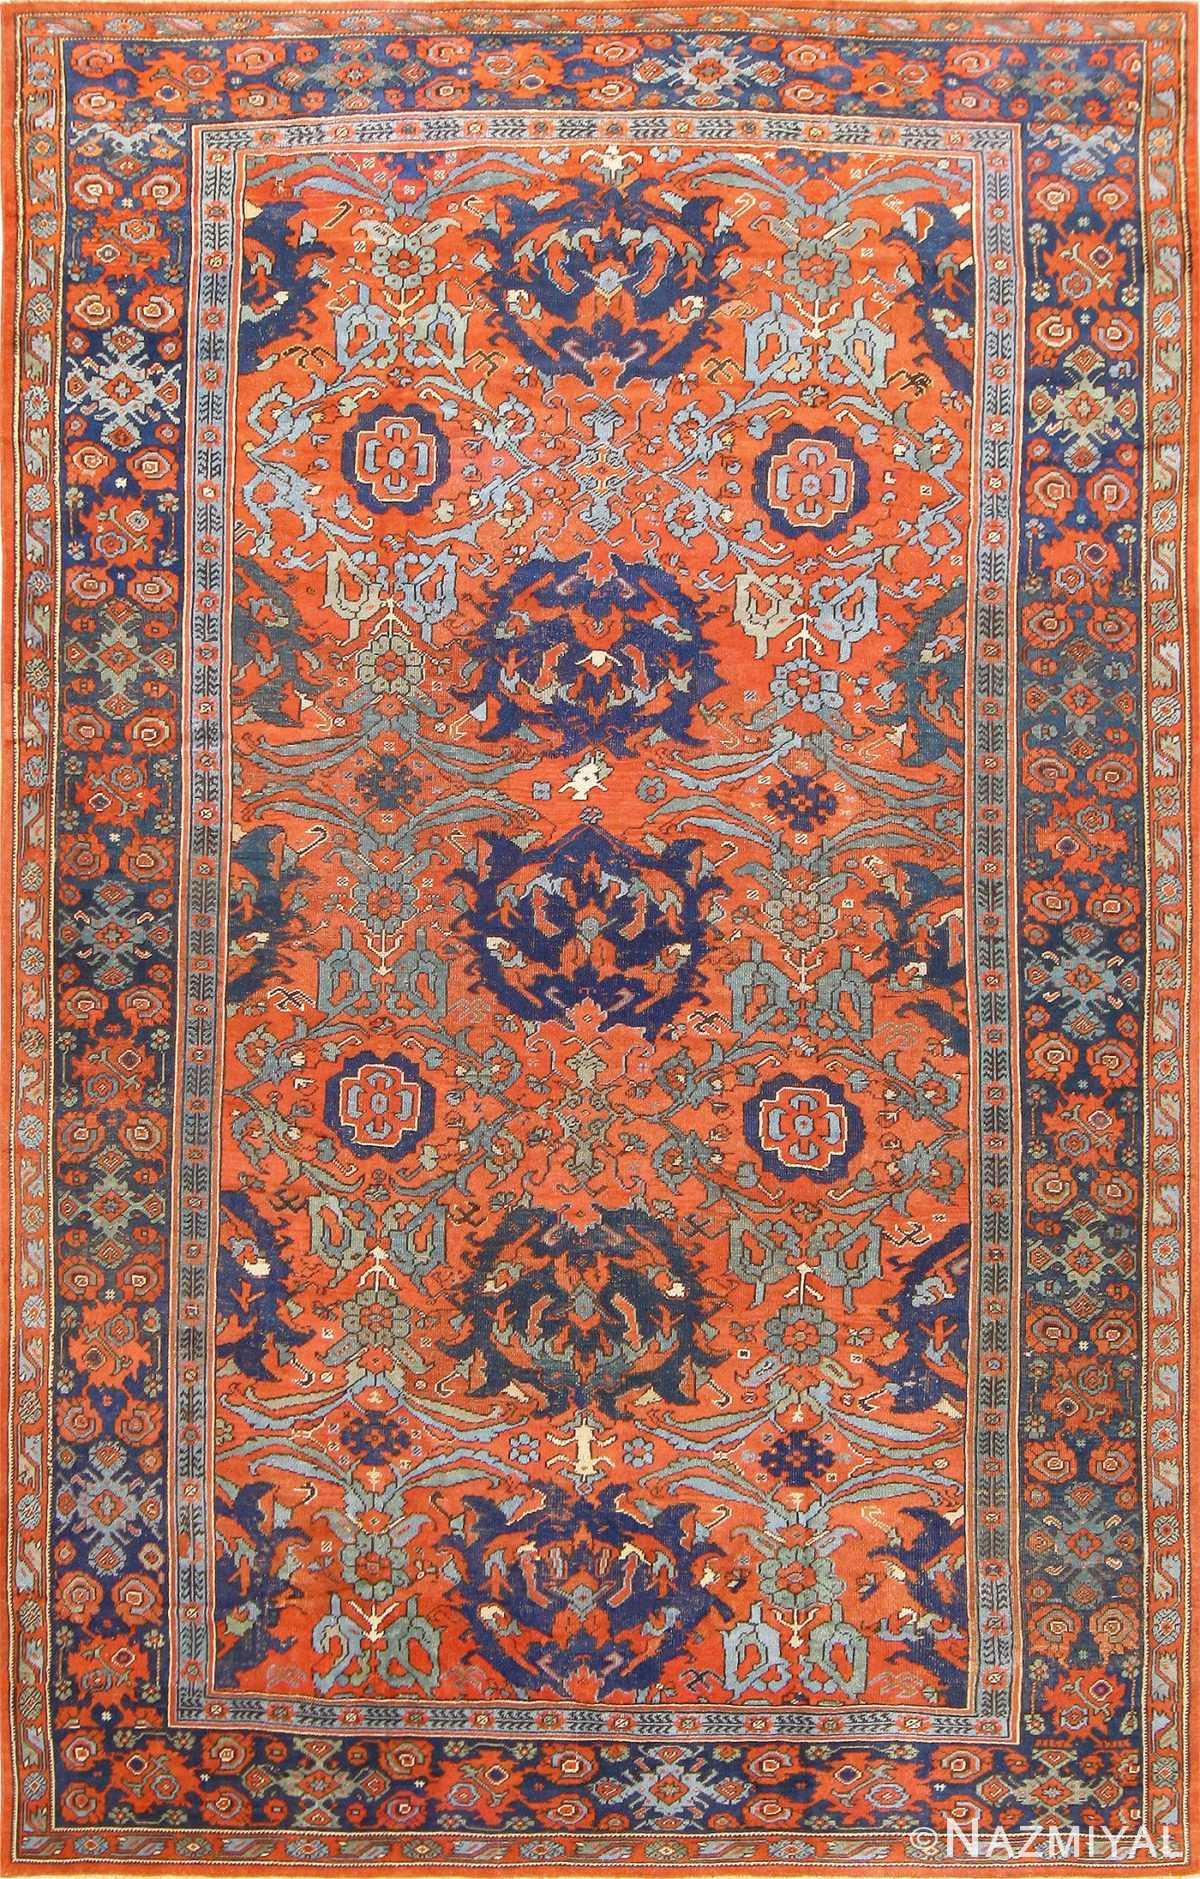 Antique 18th Century Turkish Smyrna Oushak Rug 47436 Nazmiyal